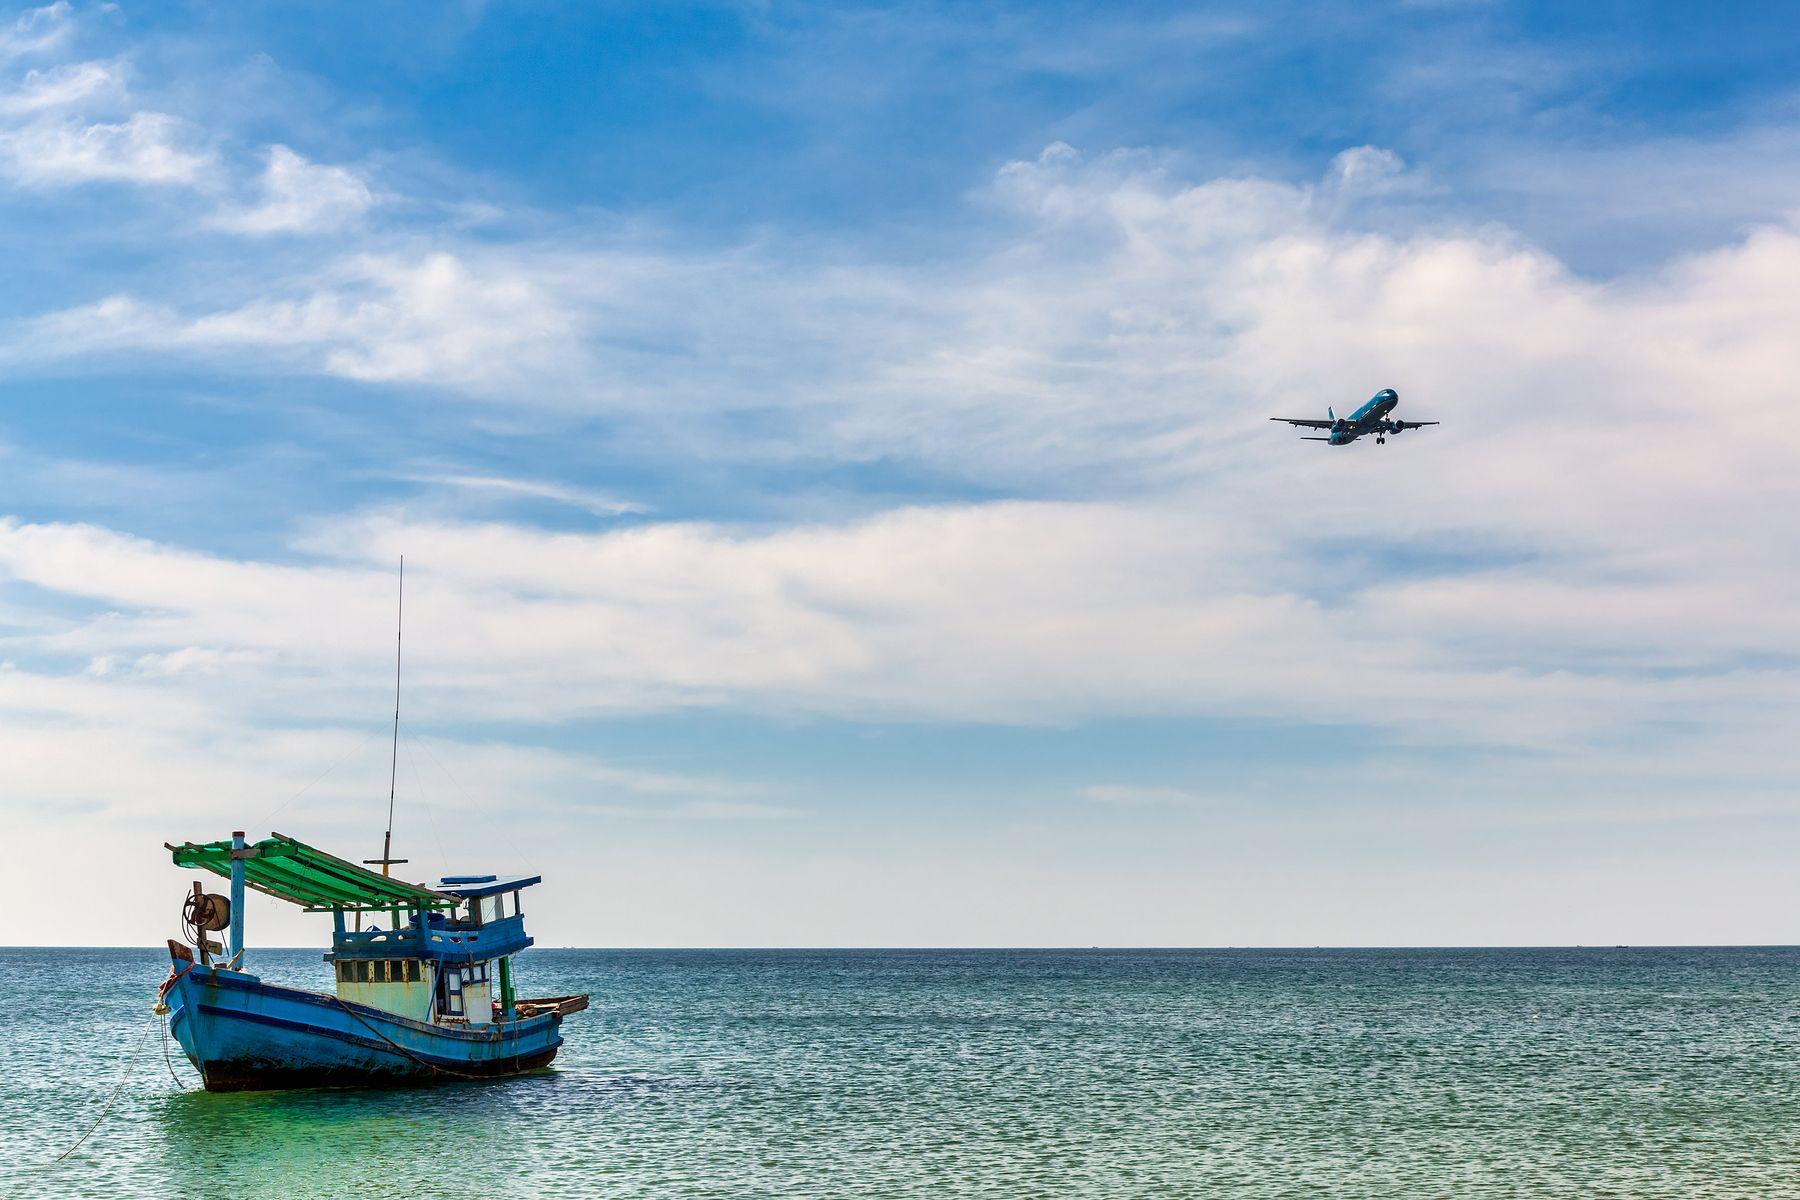 Расходимся самолет кораблю море Фукуок Вьетнам